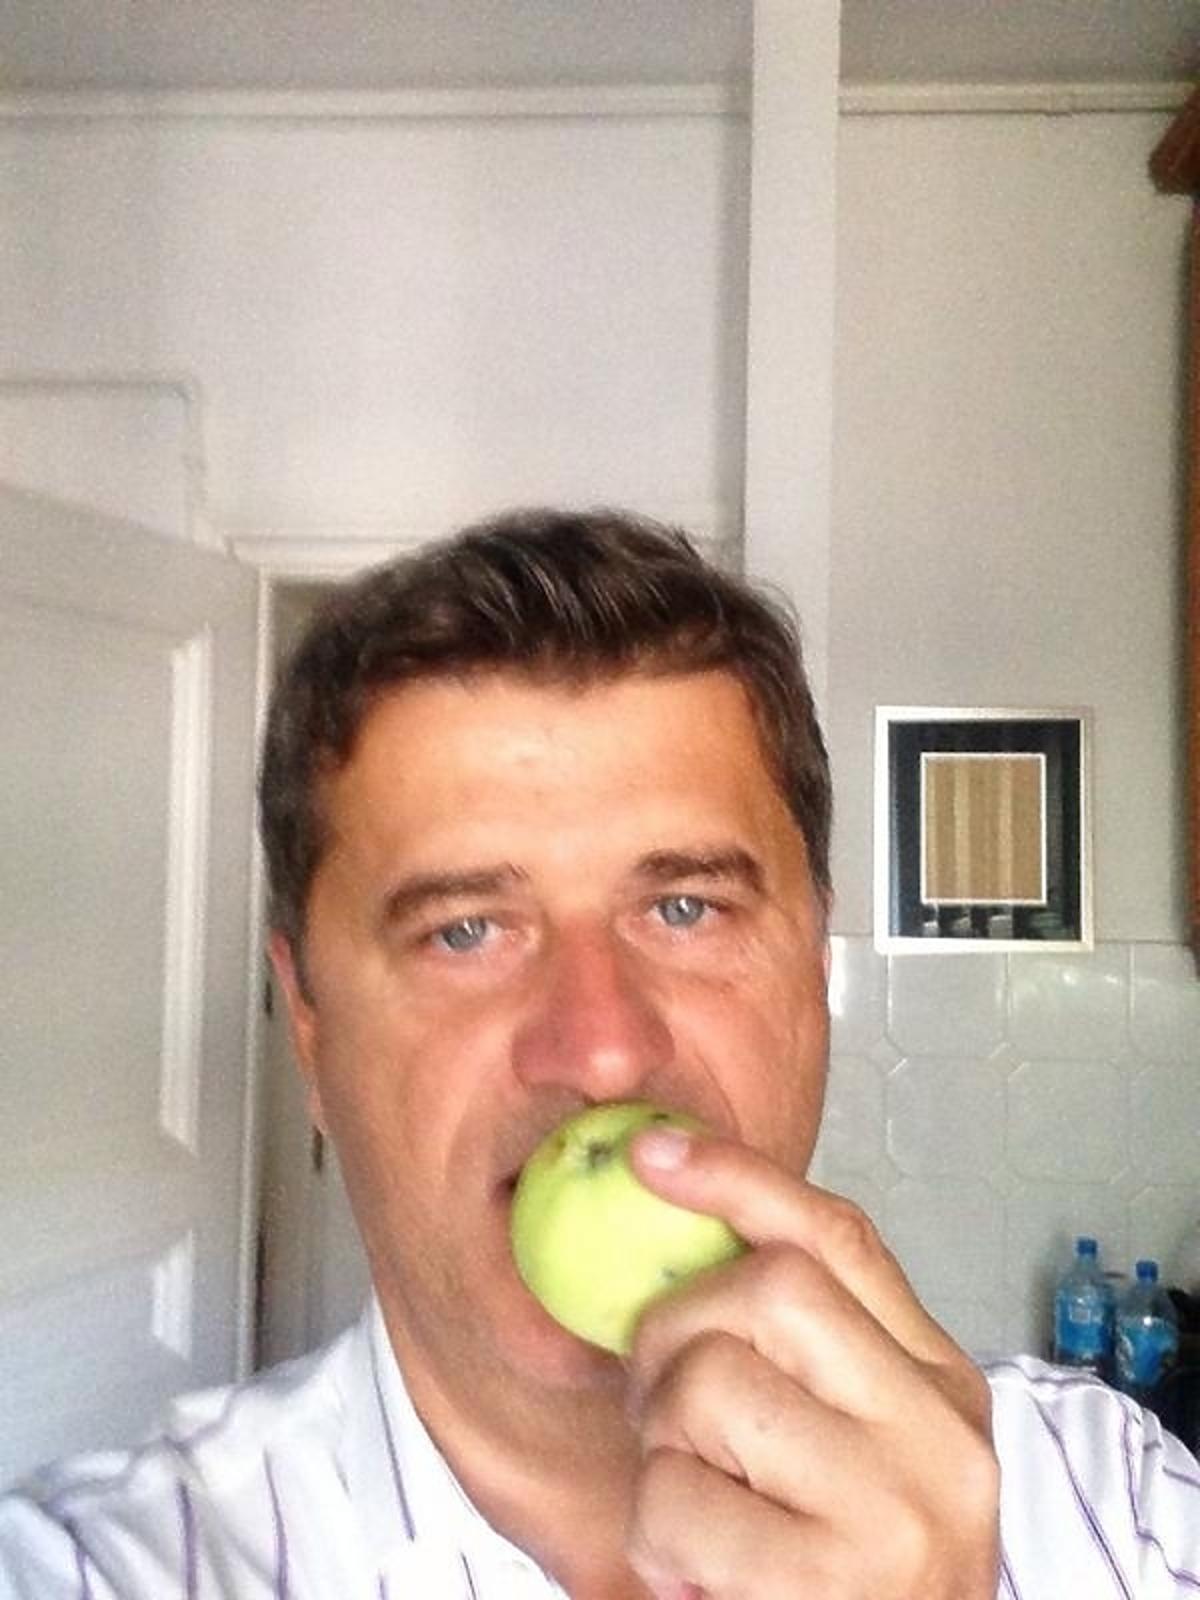 Janusz Palikot zachęca do jedzenia jabłek